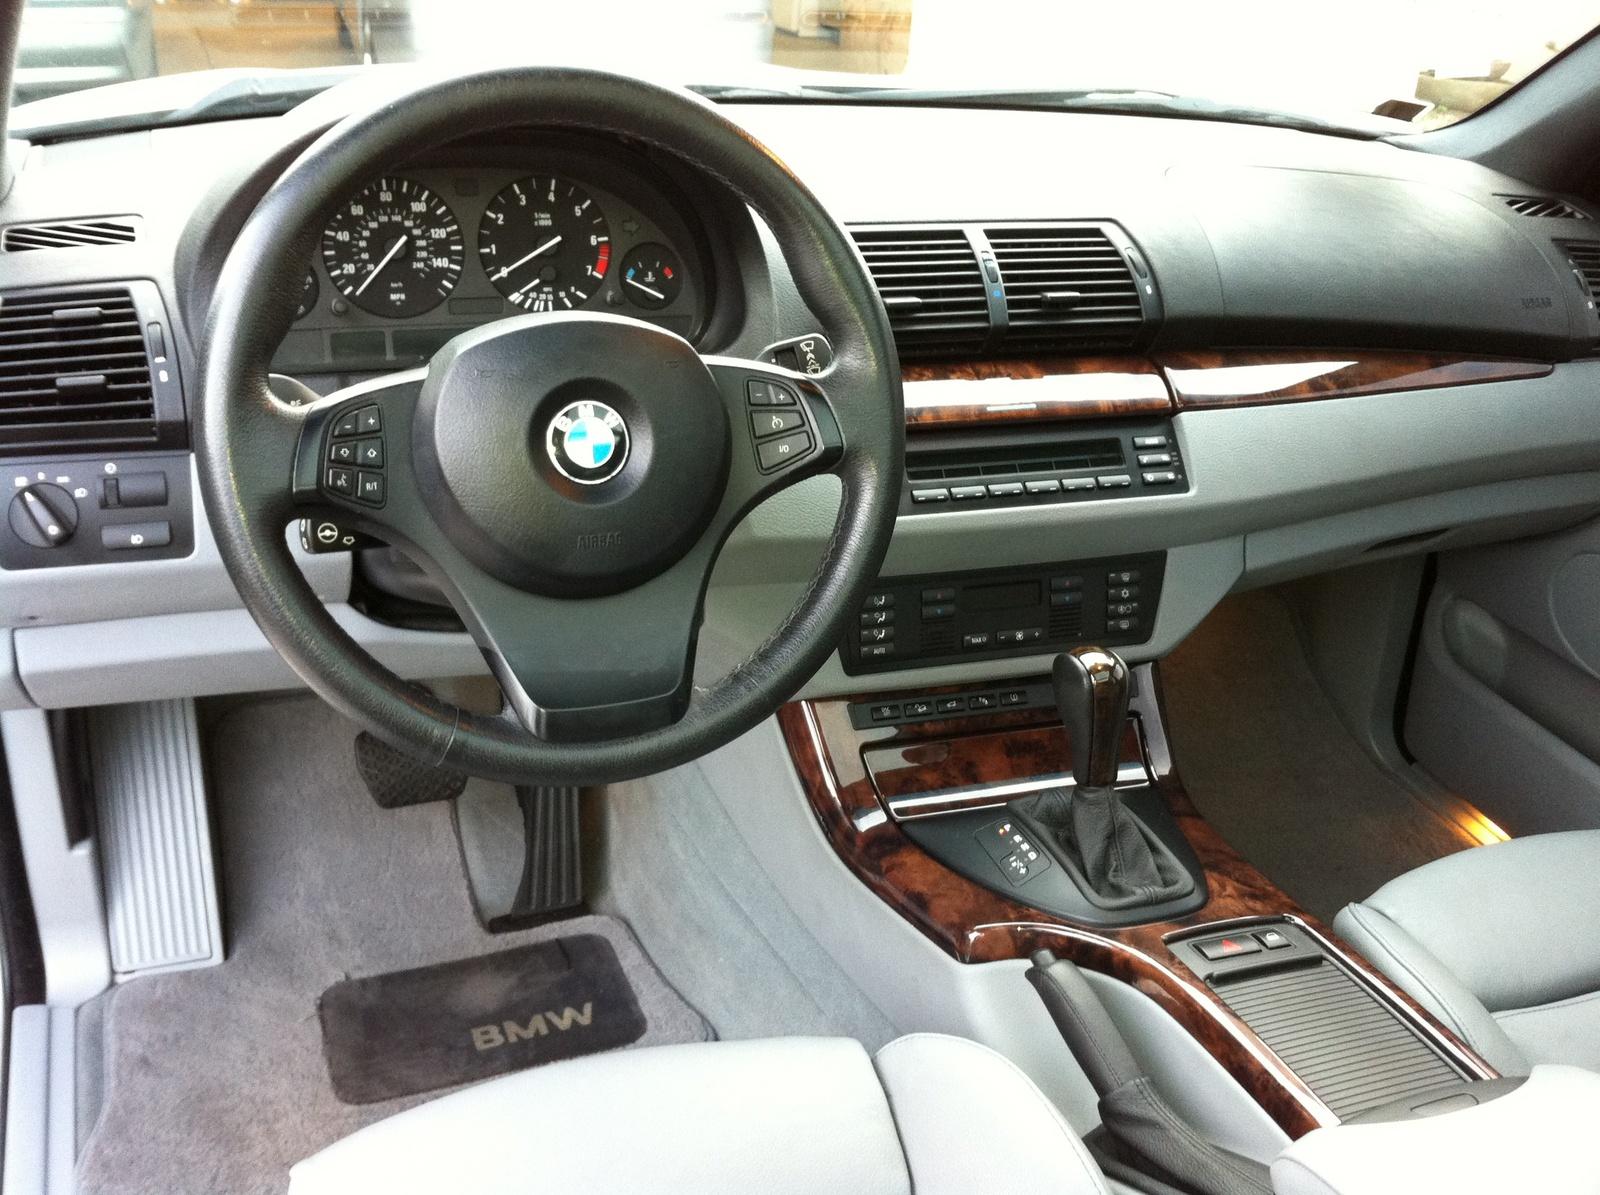 2005 BMW X5 - Interior Pictures - CarGurus